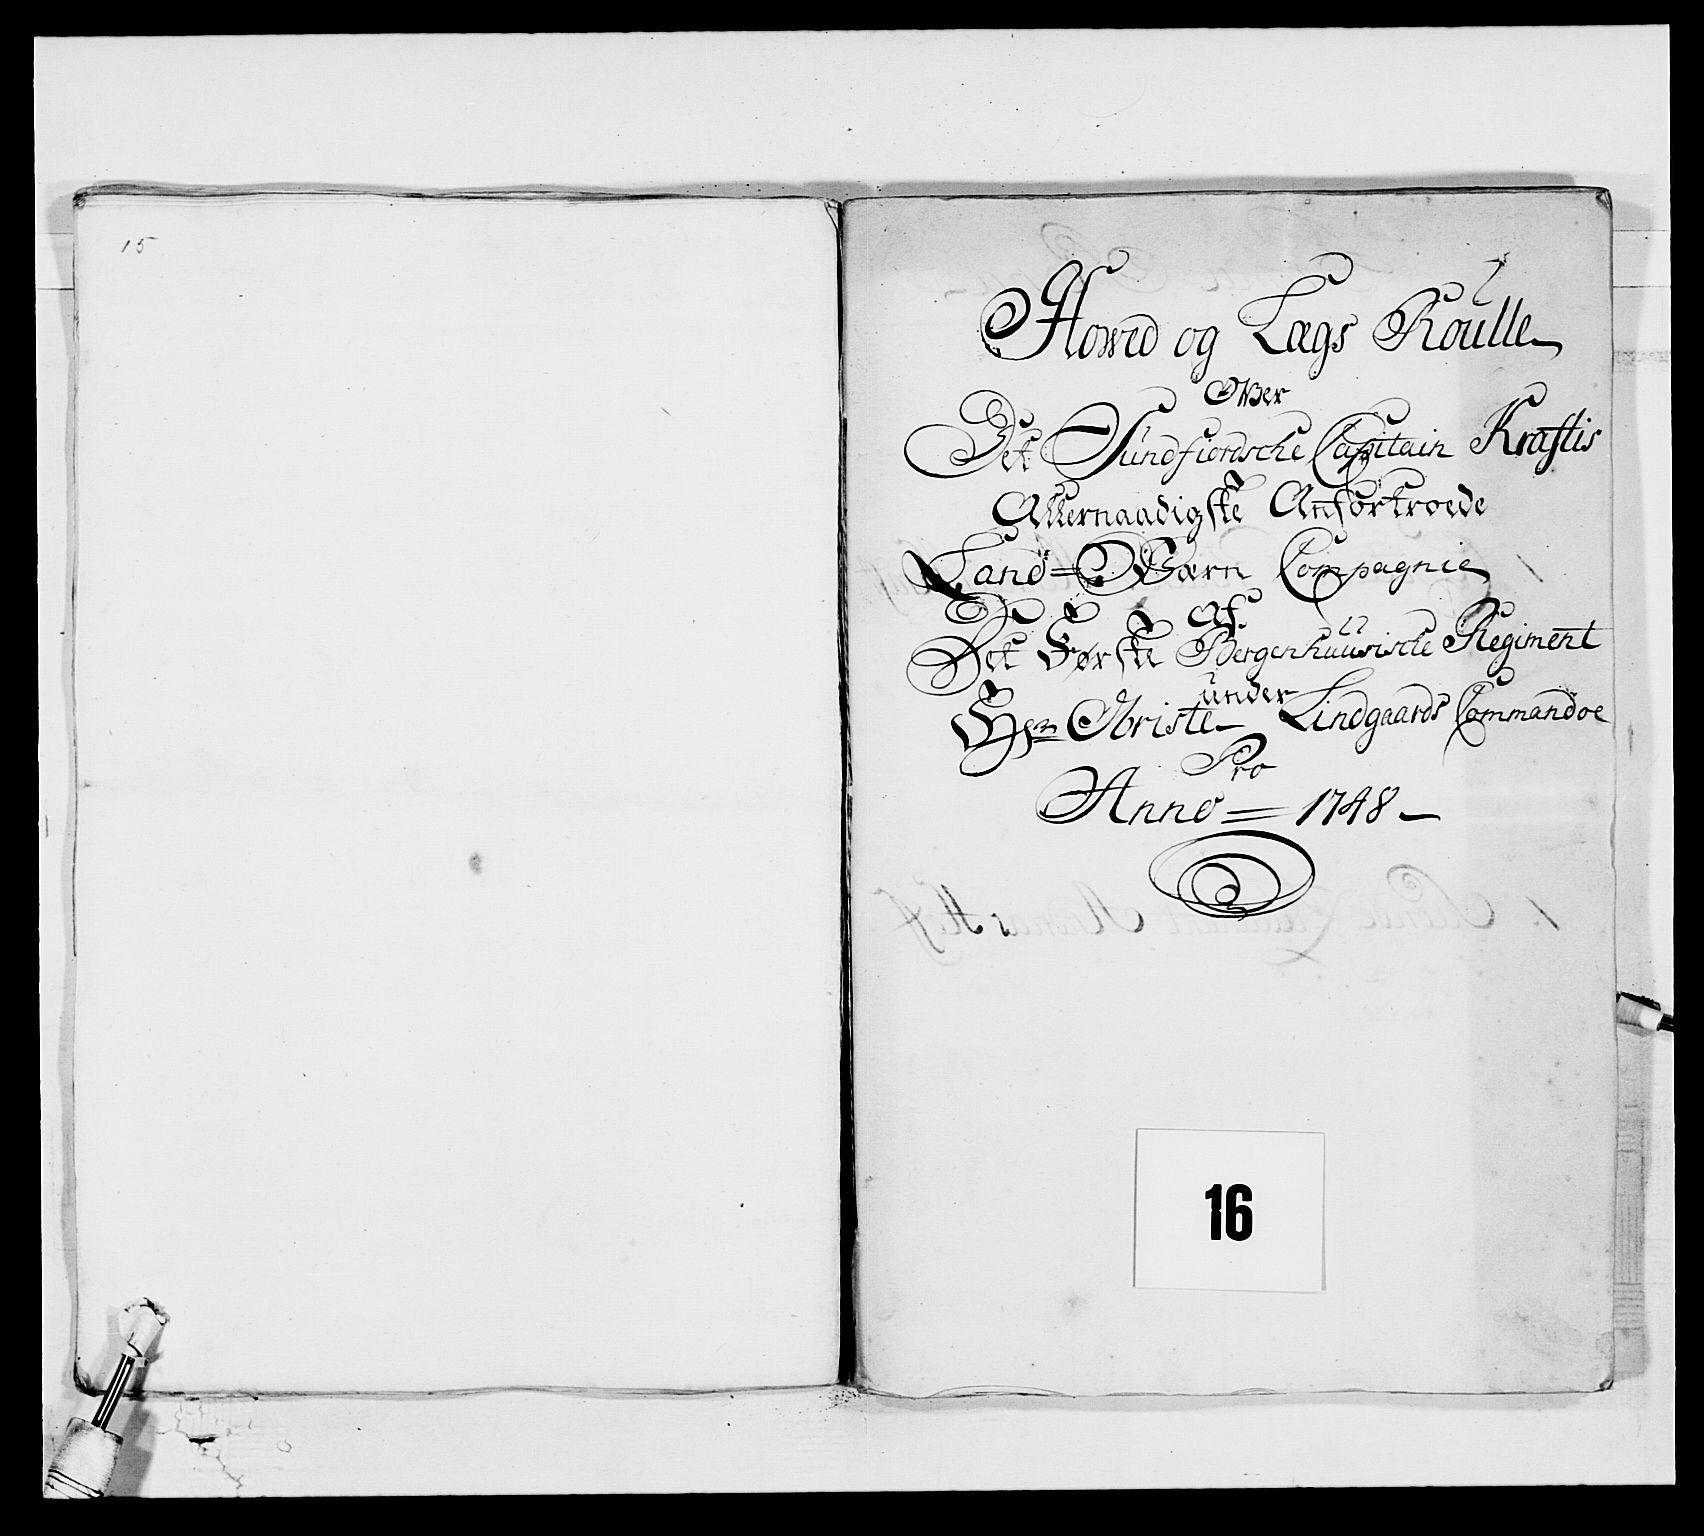 RA, Kommanderende general (KG I) med Det norske krigsdirektorium, E/Ea/L0517: 1. Bergenhusiske regiment, 1742-1756, p. 152